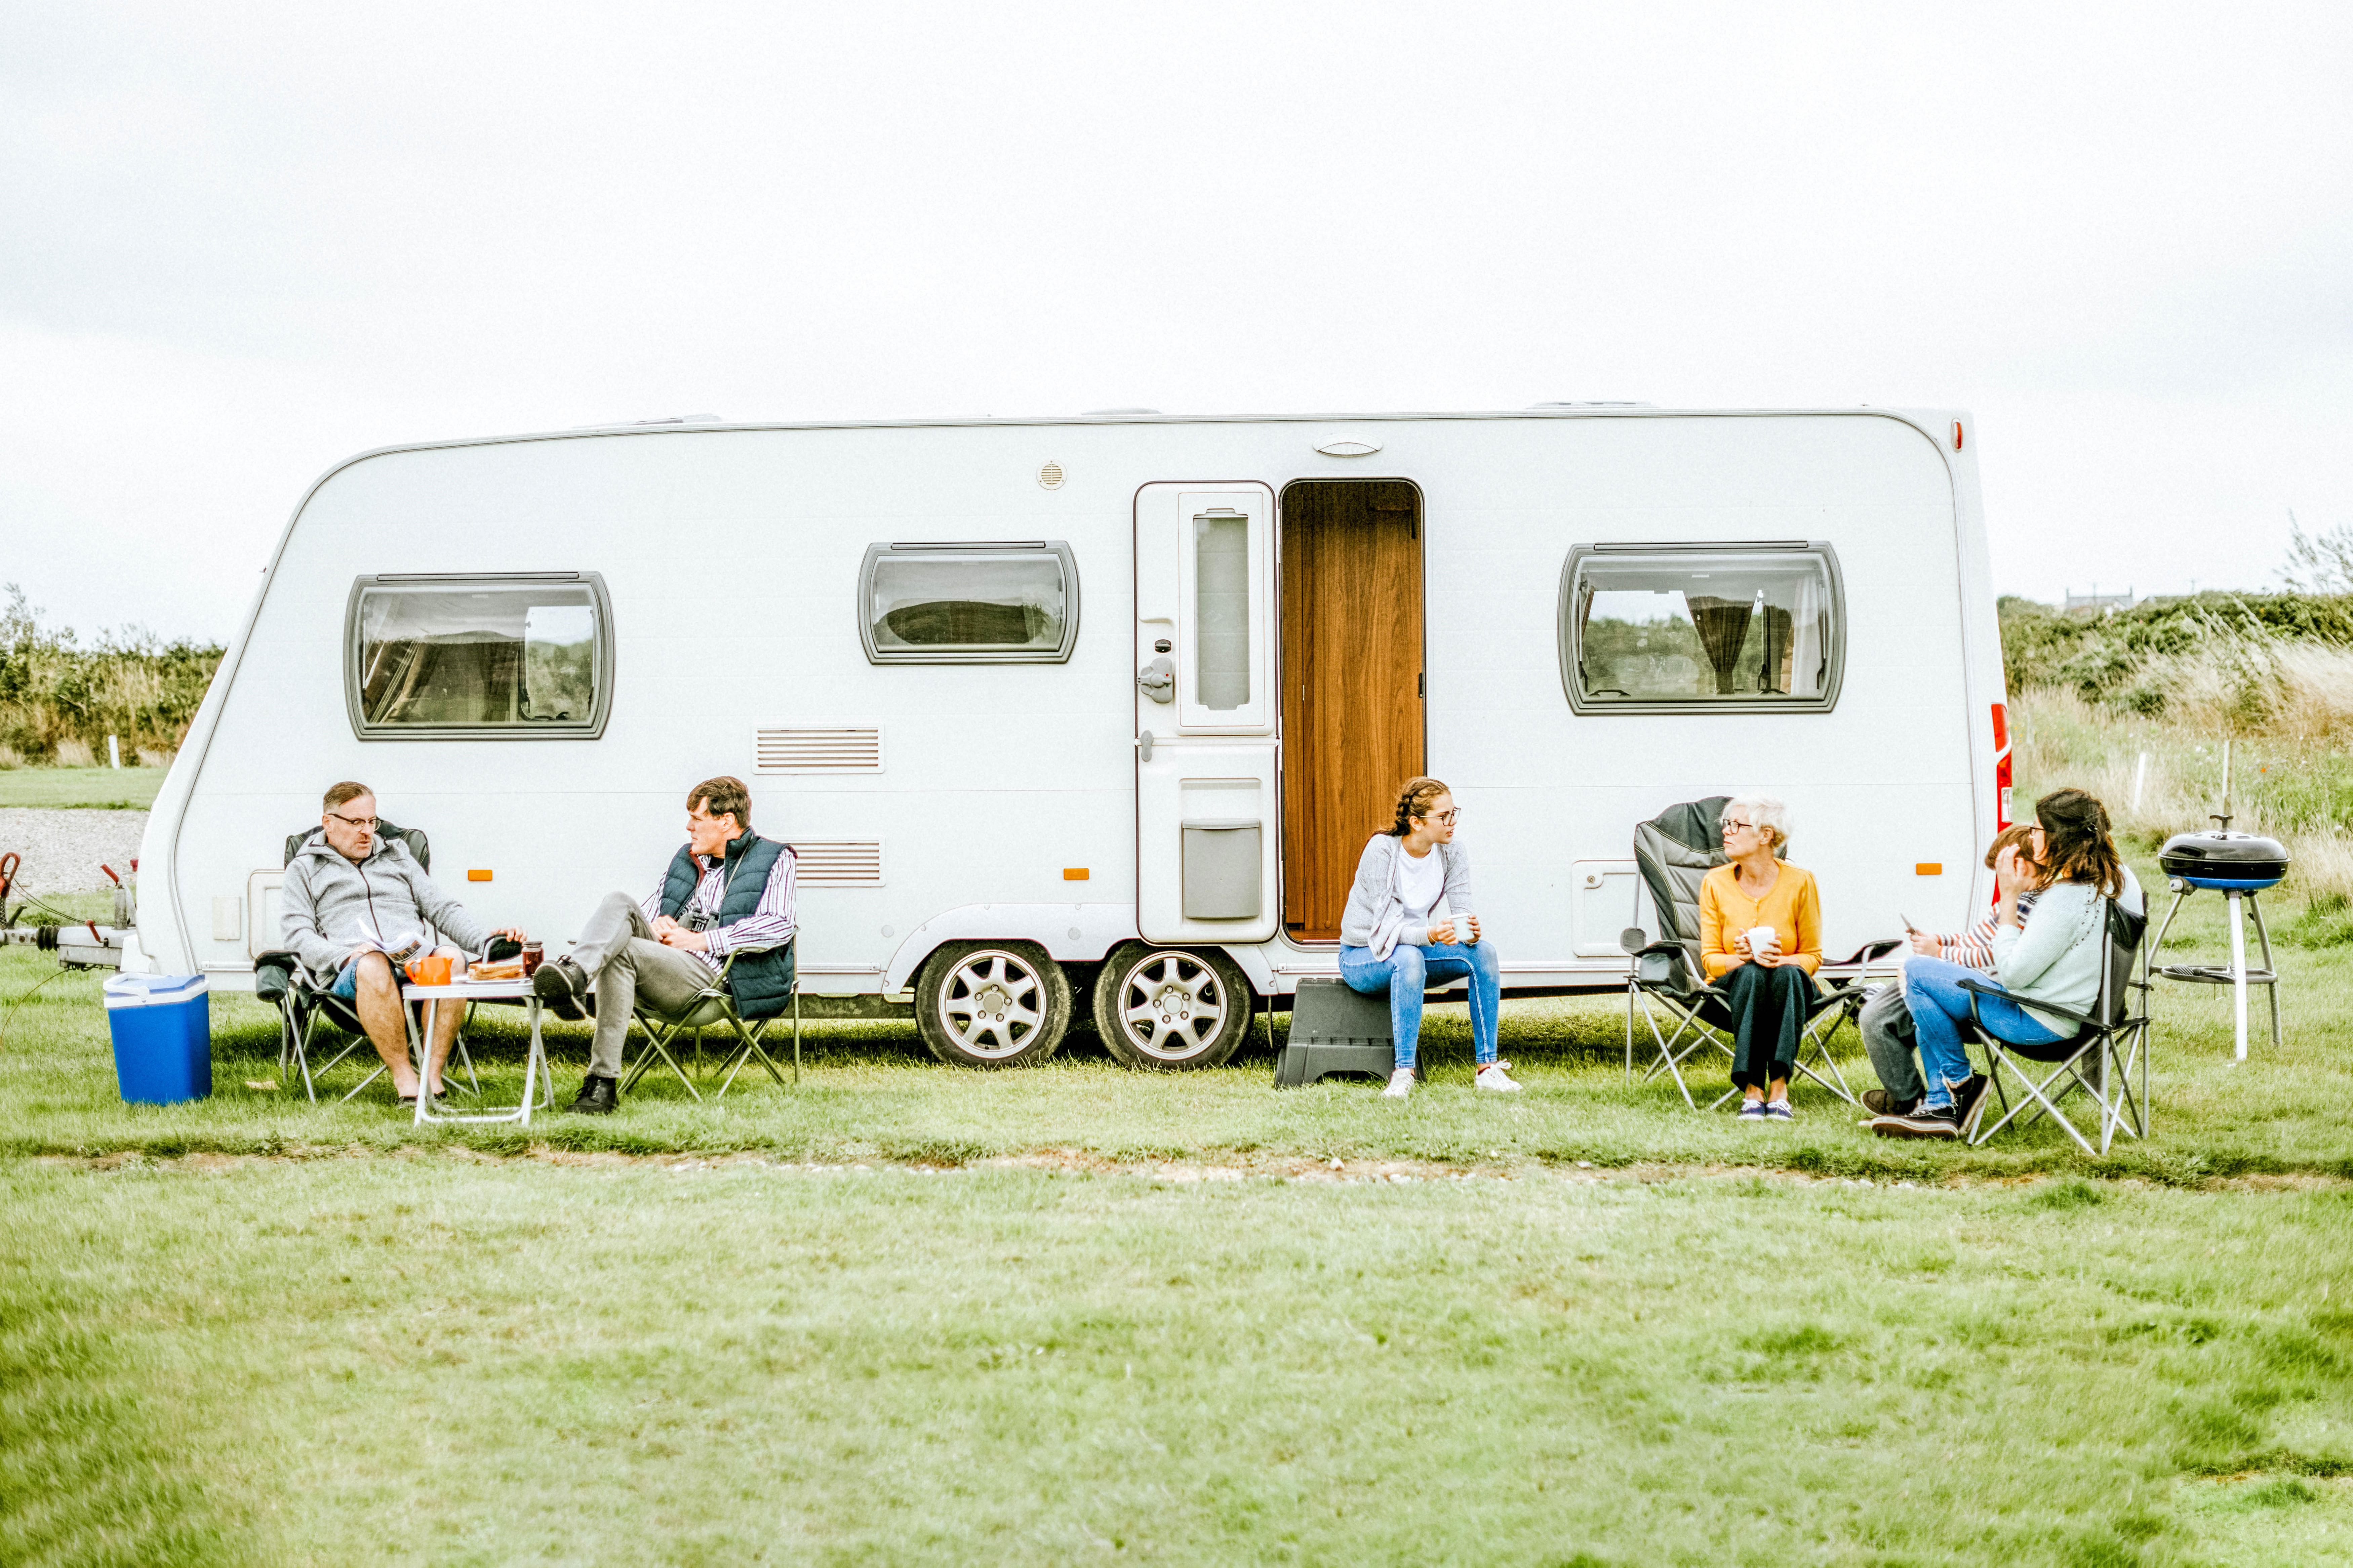 Mennesker sitter utenfor campingvogn